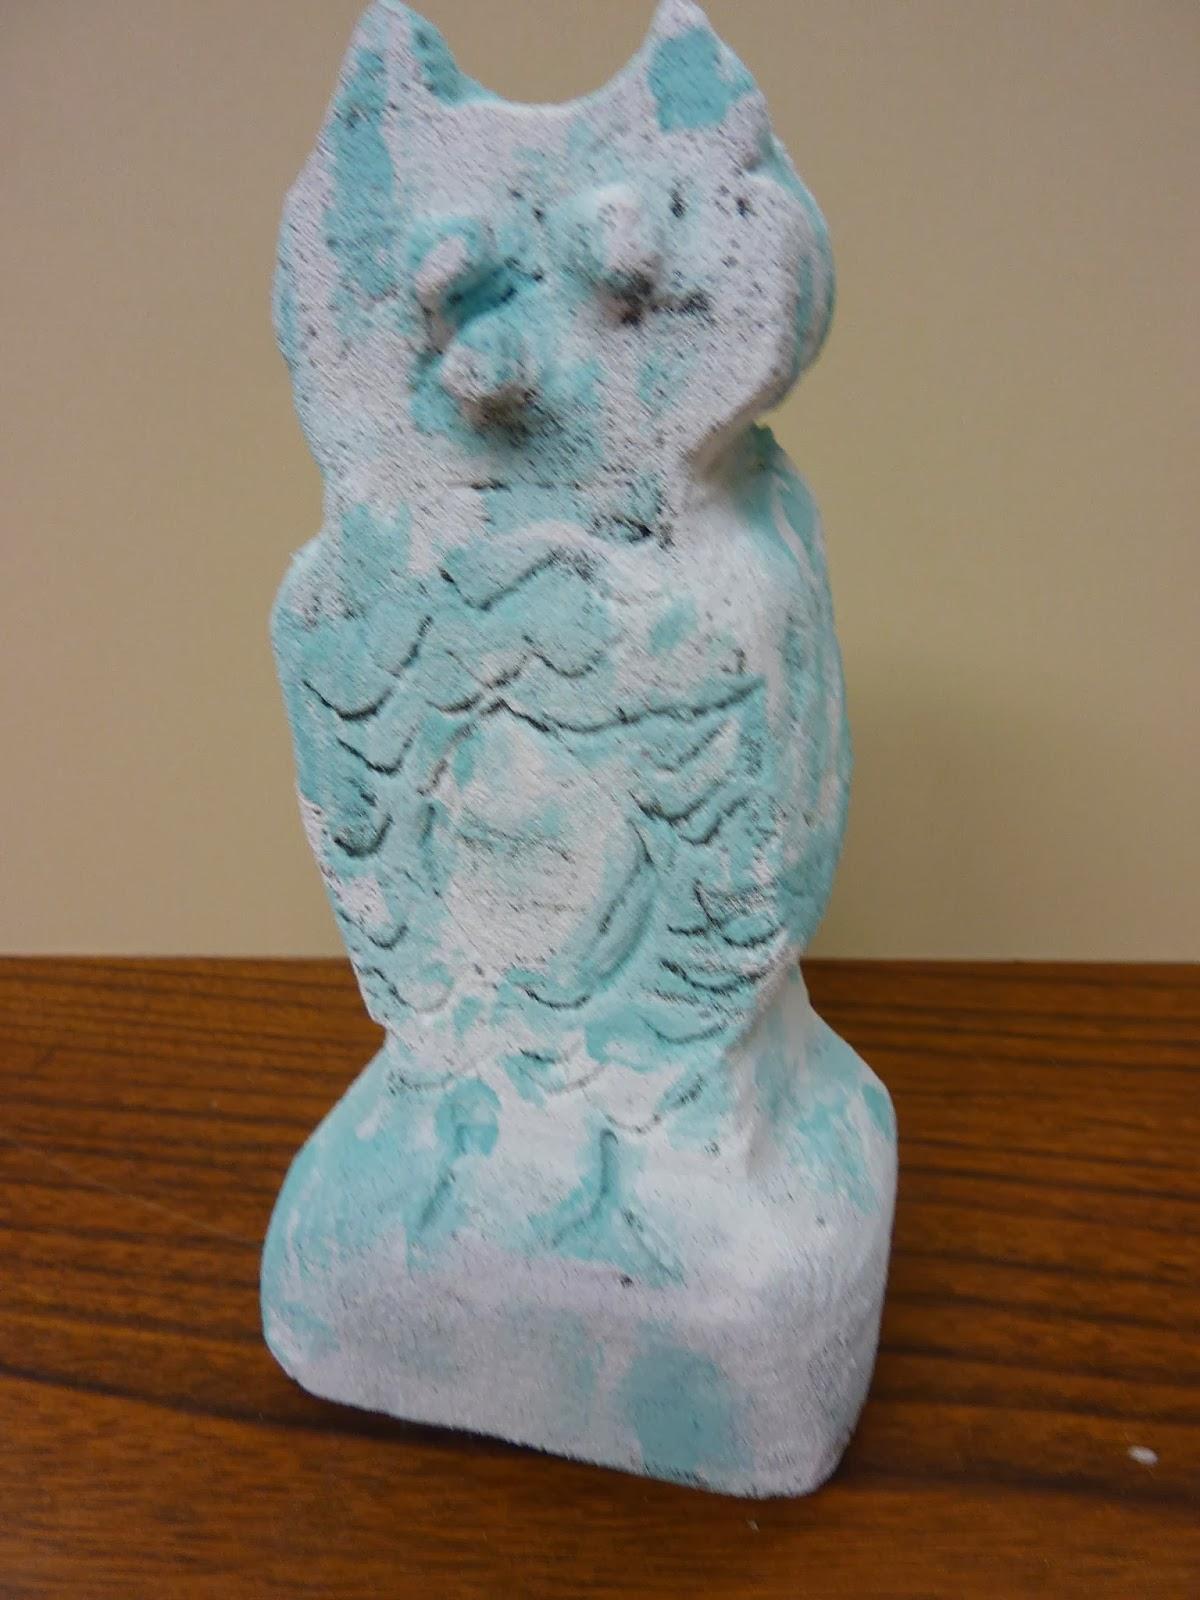 P c k art room subtractive carving in desert foam